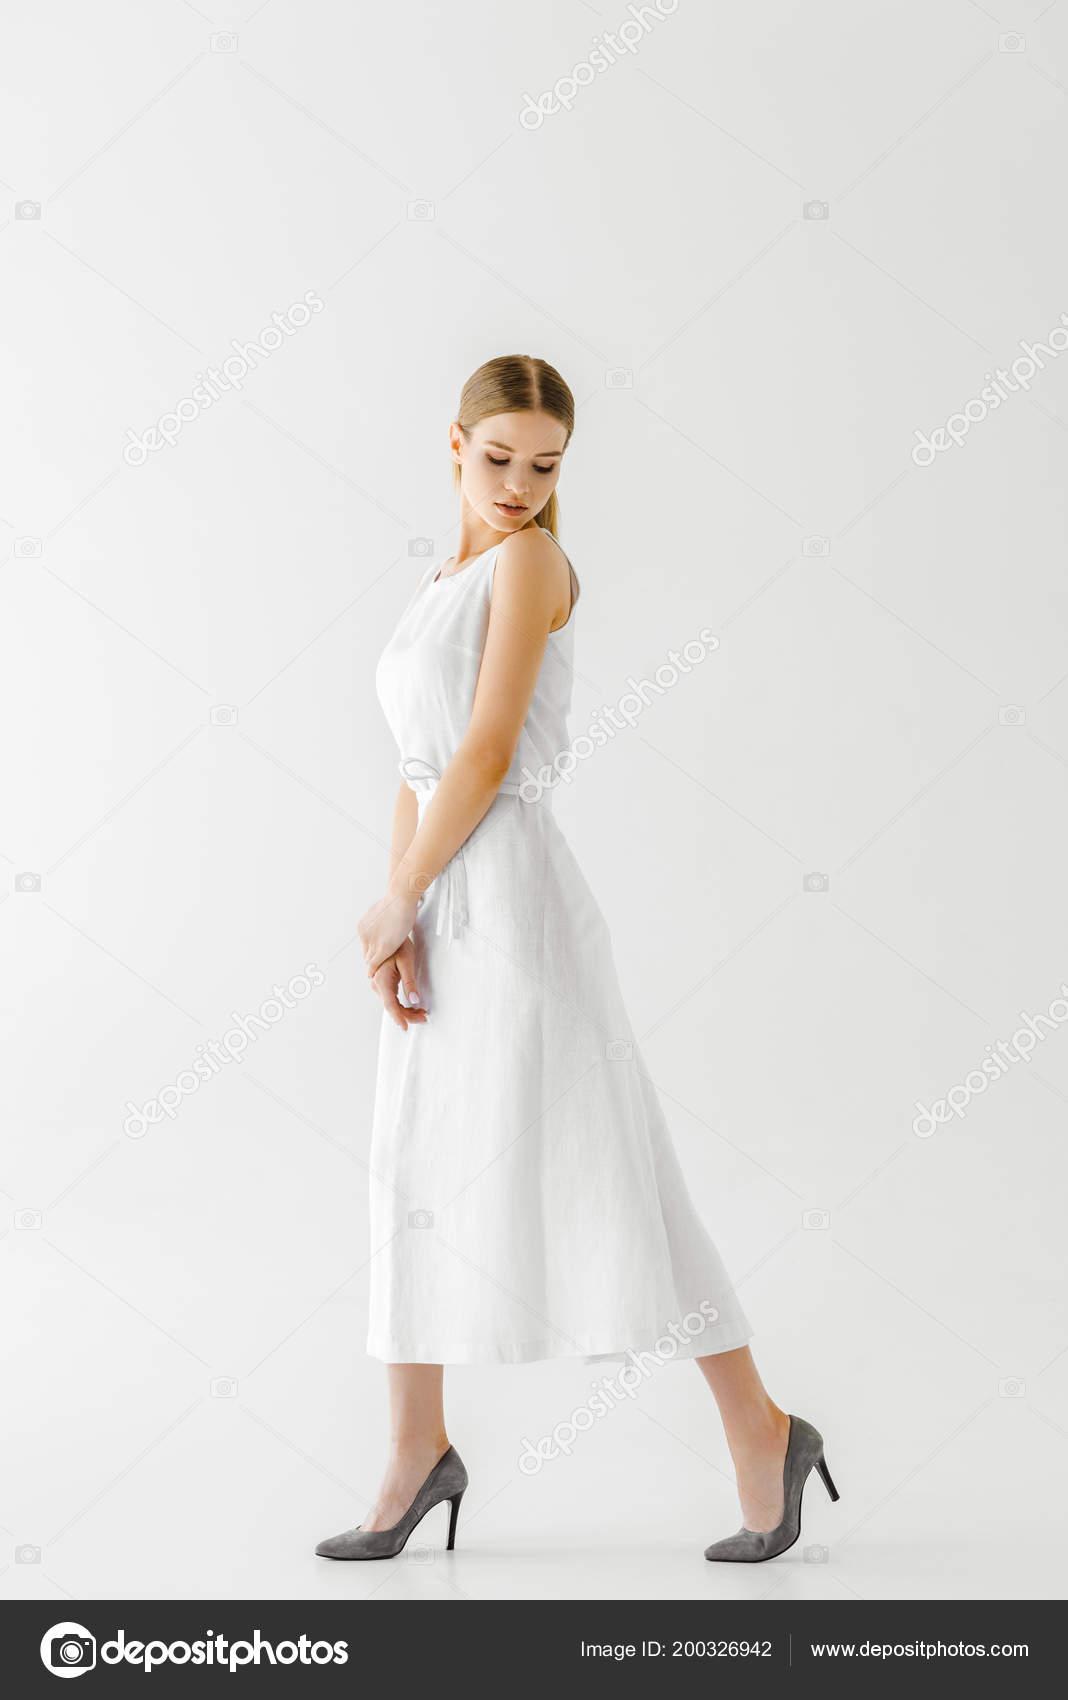 2af1c55d8a Jovem Modelo Feminino Vestido Branco Linho Posando Isolado Fundo Cinza —  Fotografia de Stock